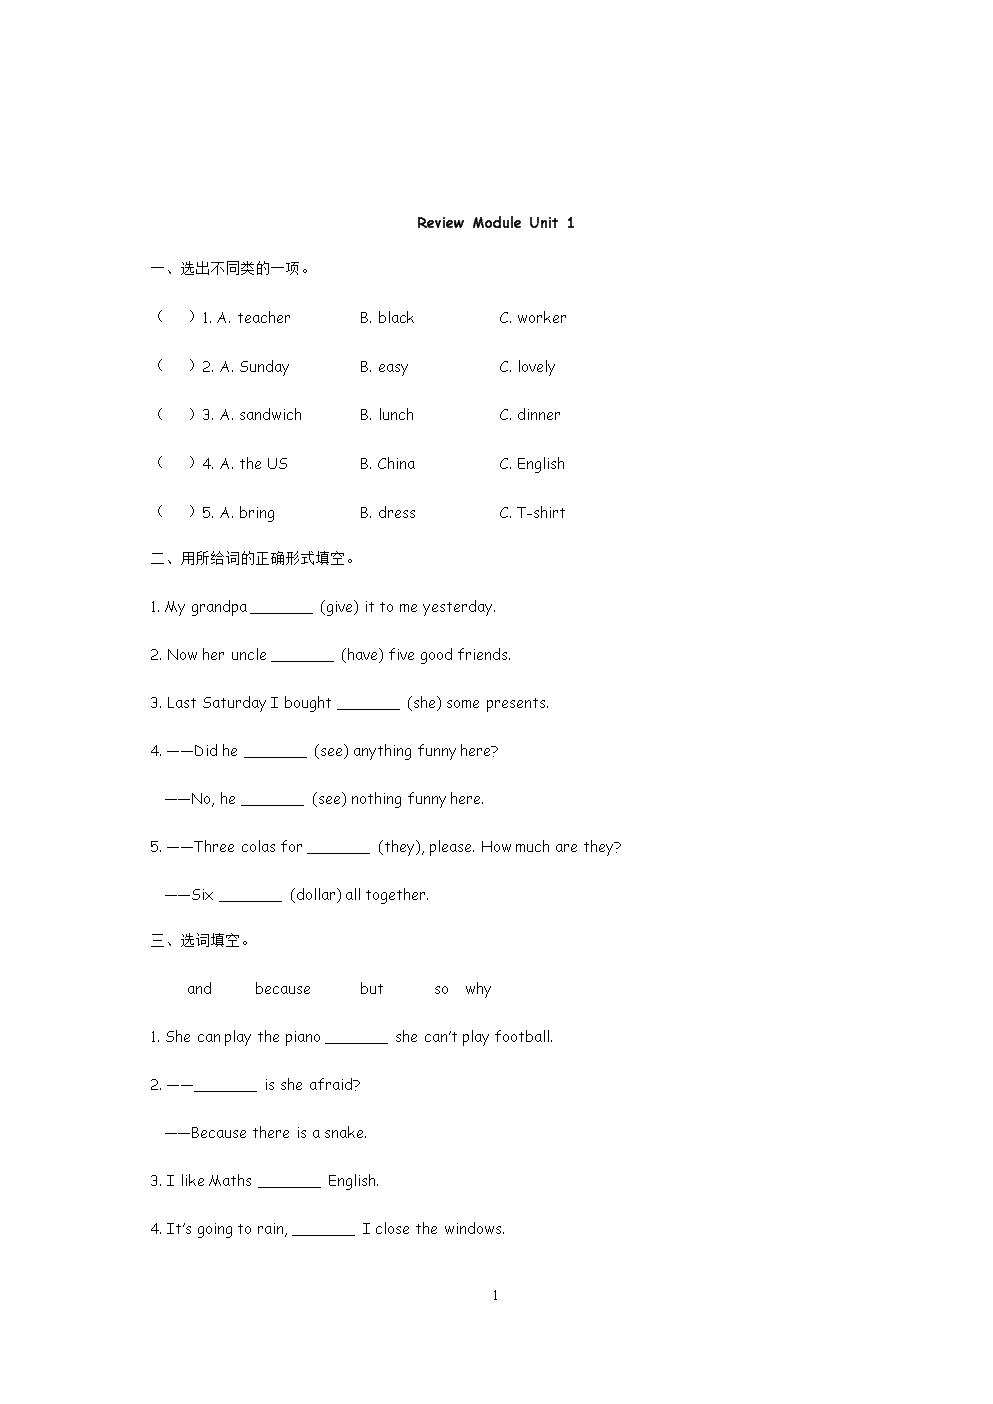 外研英语五年级下册 Review Module Unit 1教案.docx